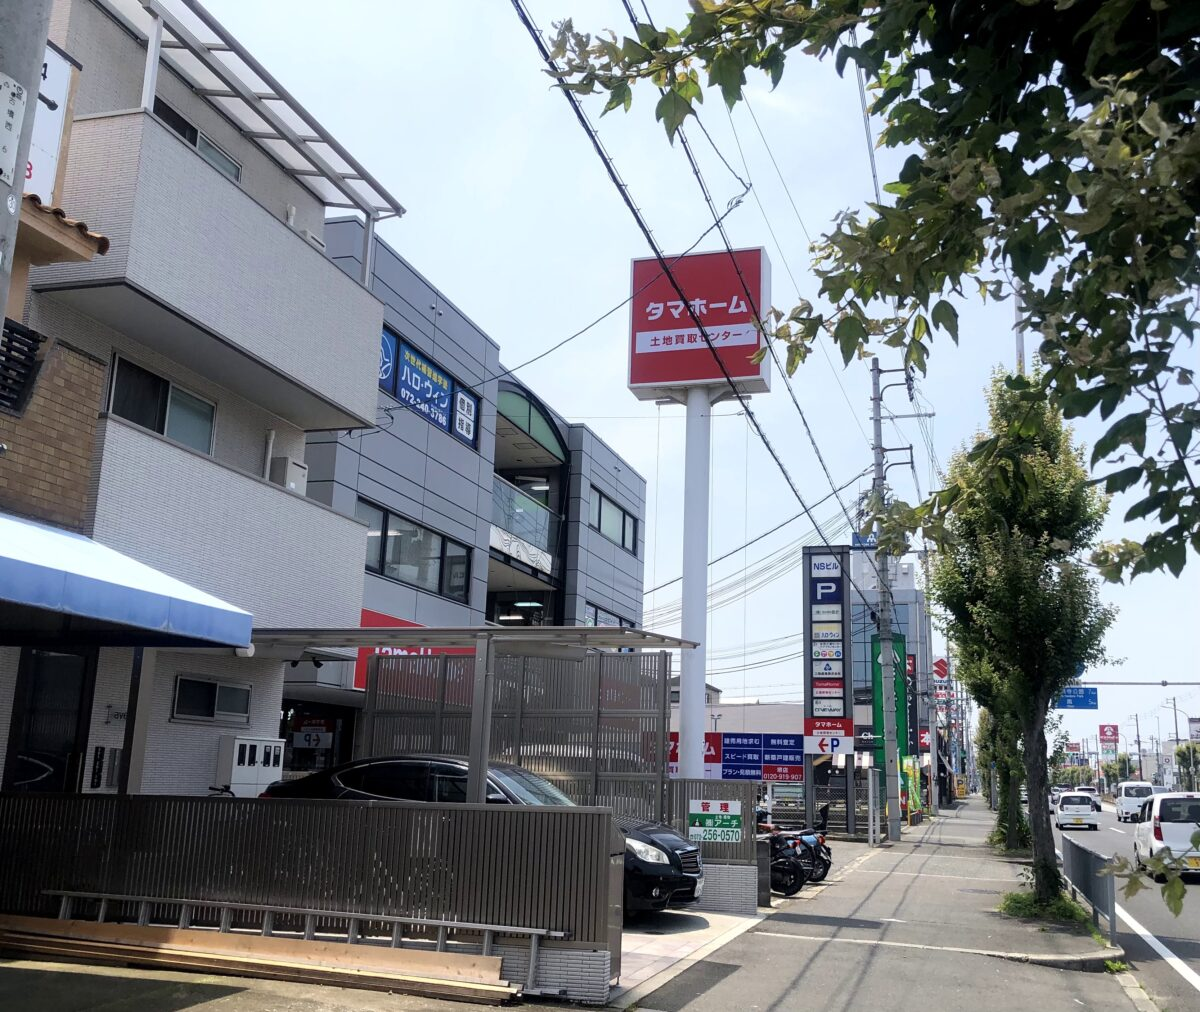 【まもなくオープン♪♪】堺市北区・中百舌鳥に南大阪初の「タマホーム 土地買取センター」がまもなくオープンするよ!!: